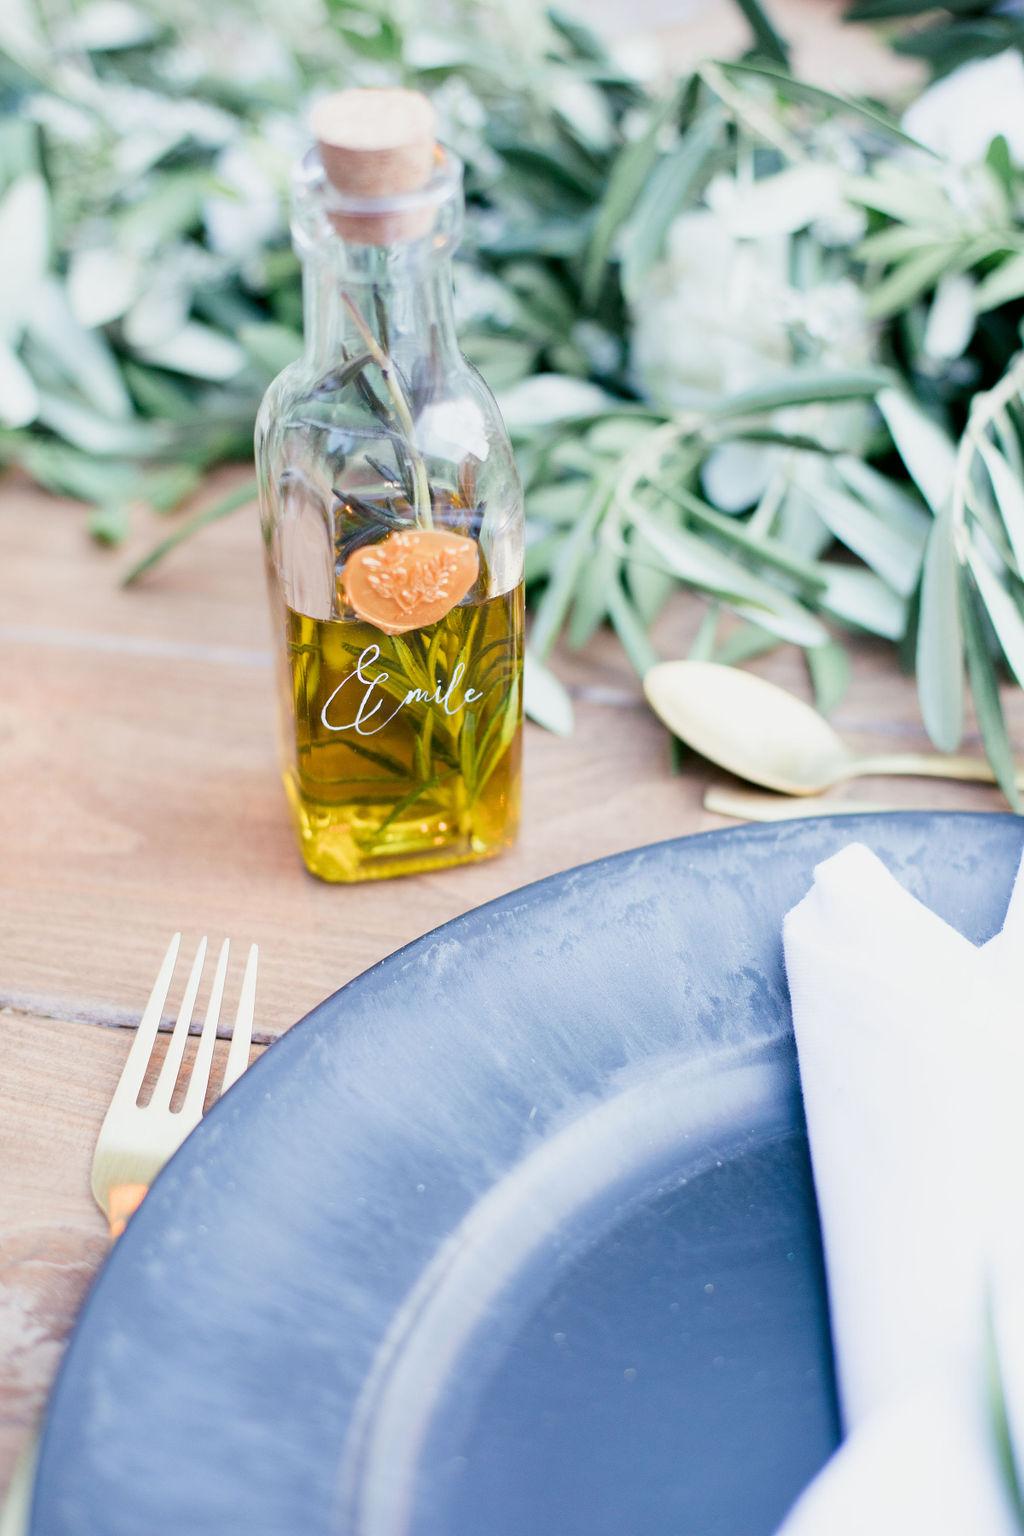 Gastgeschenk Olivenöl Hochzeit, Gastgeschenk Ideen Hochzeit, nachhaltiges Gastgeschenk Hochzeit, nachhaltige Hochzeit